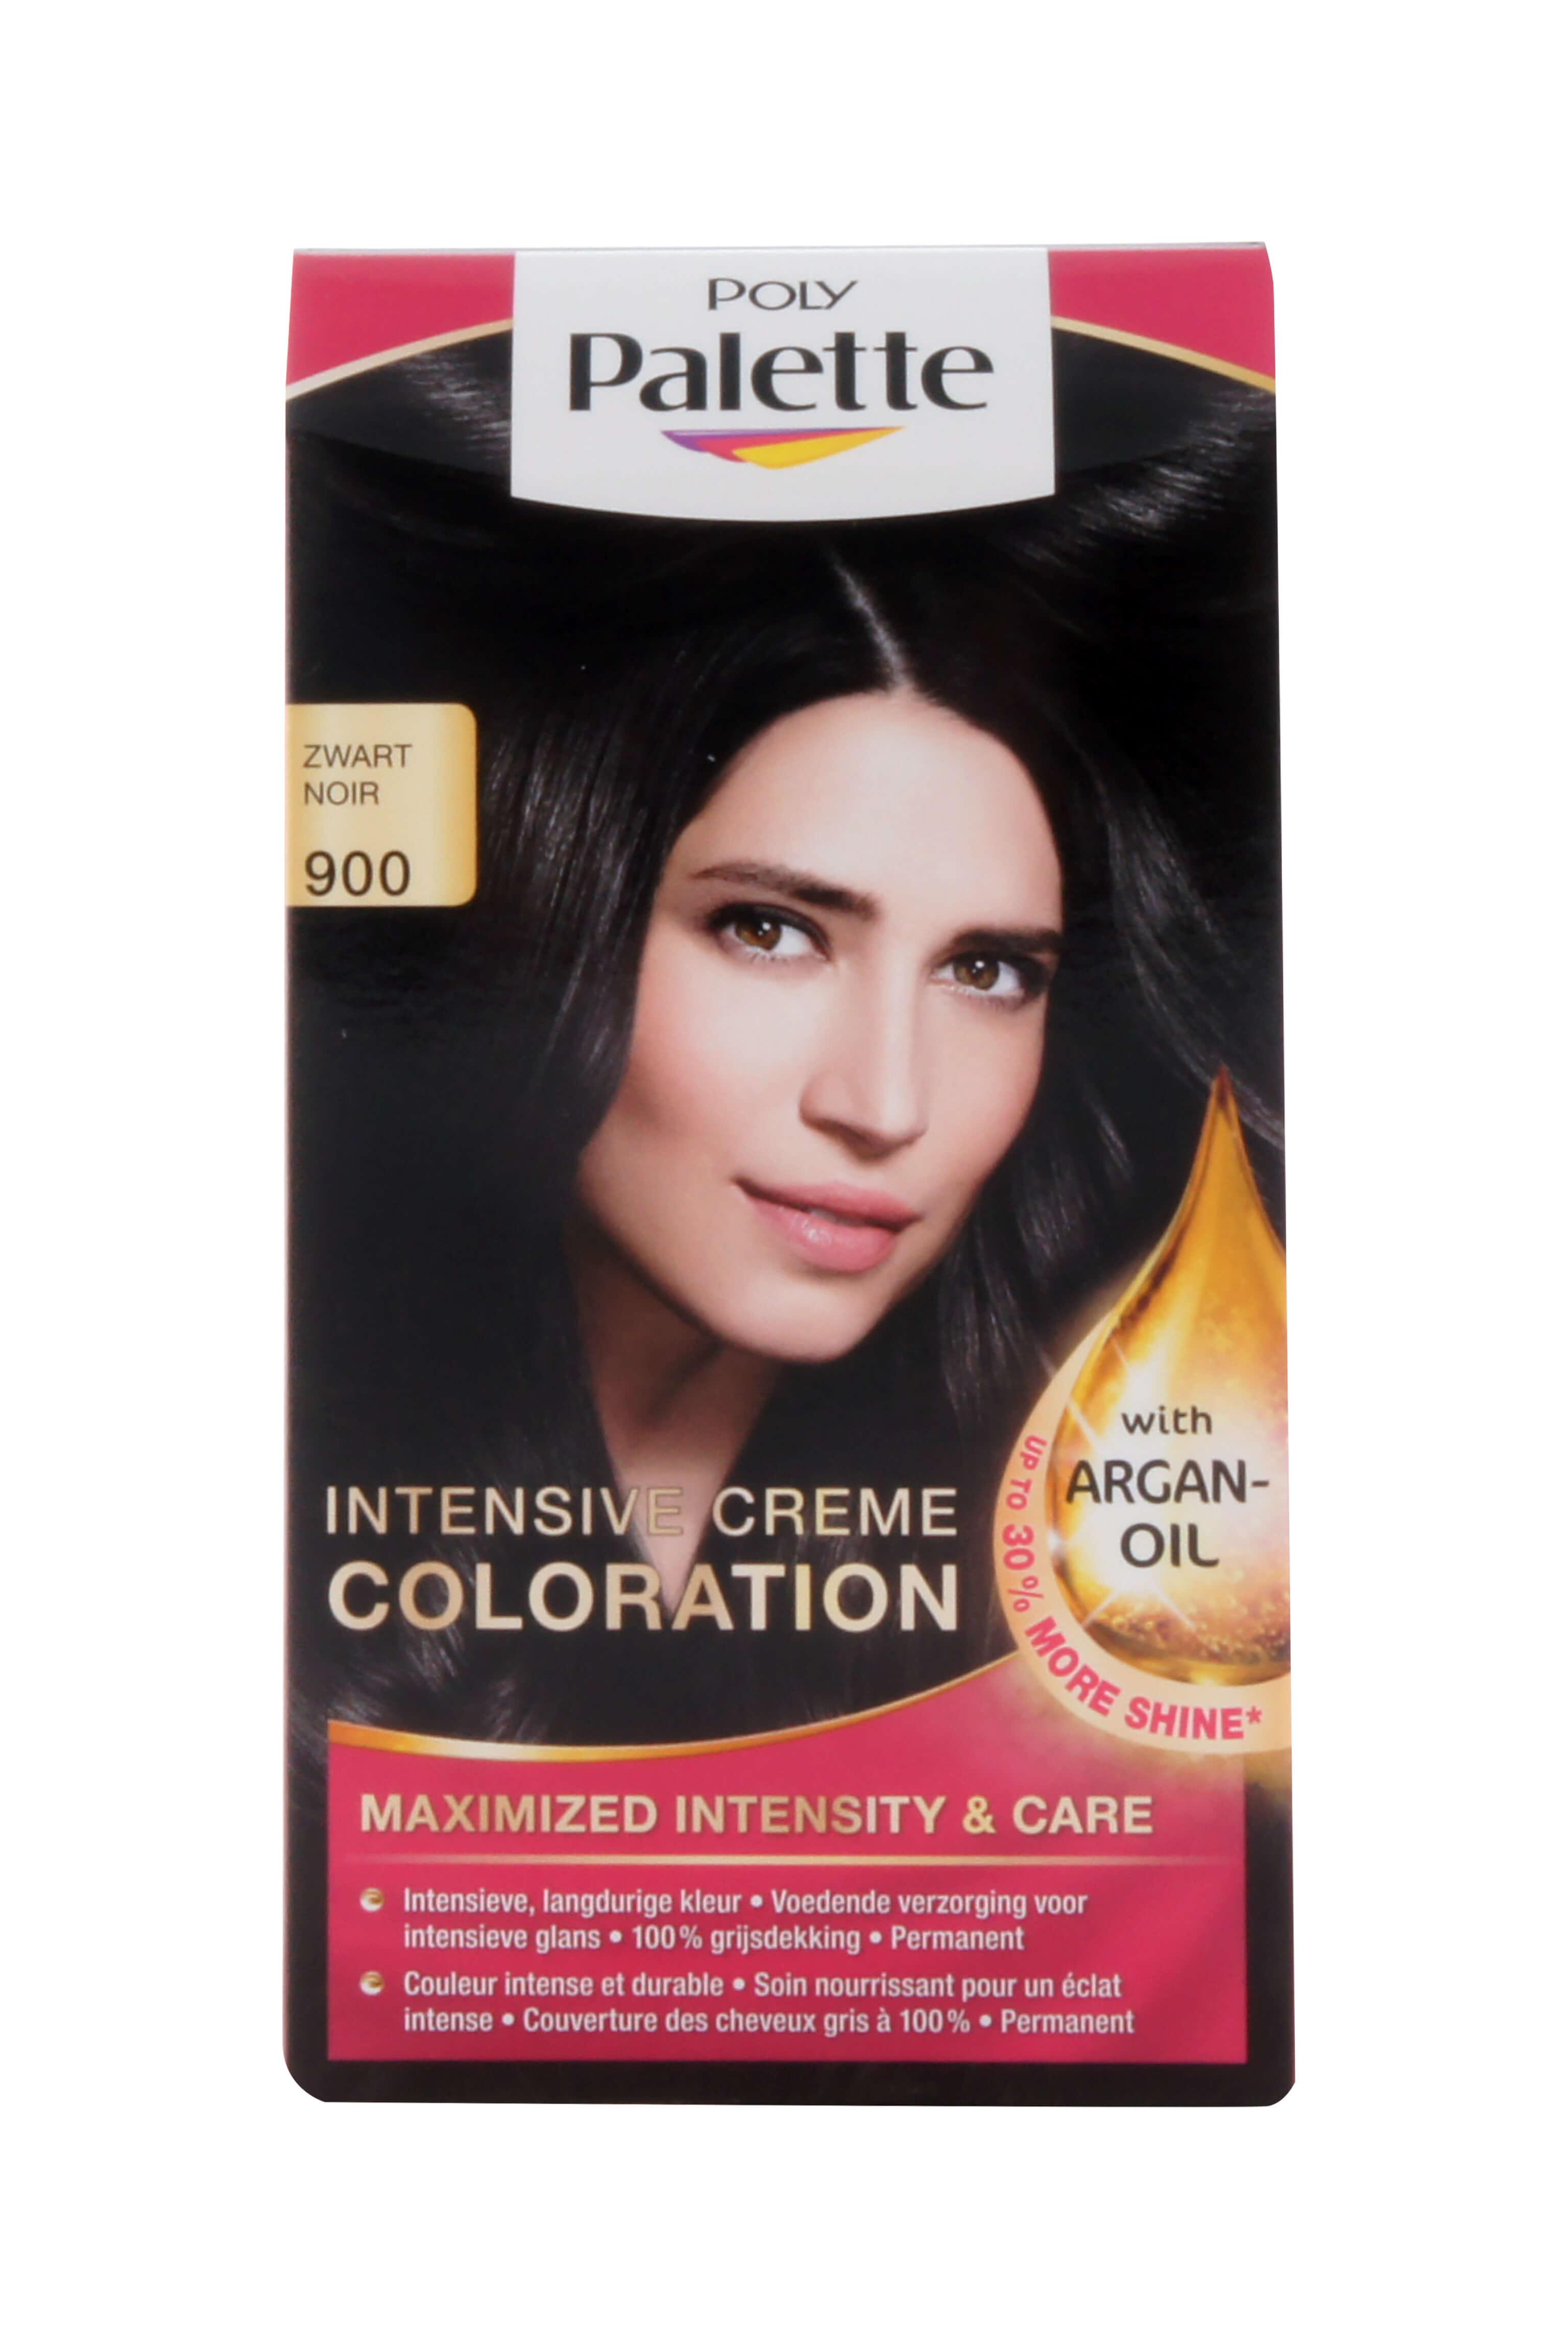 Poly Palette Haarverf Intensive Creme Color 900 Zwart